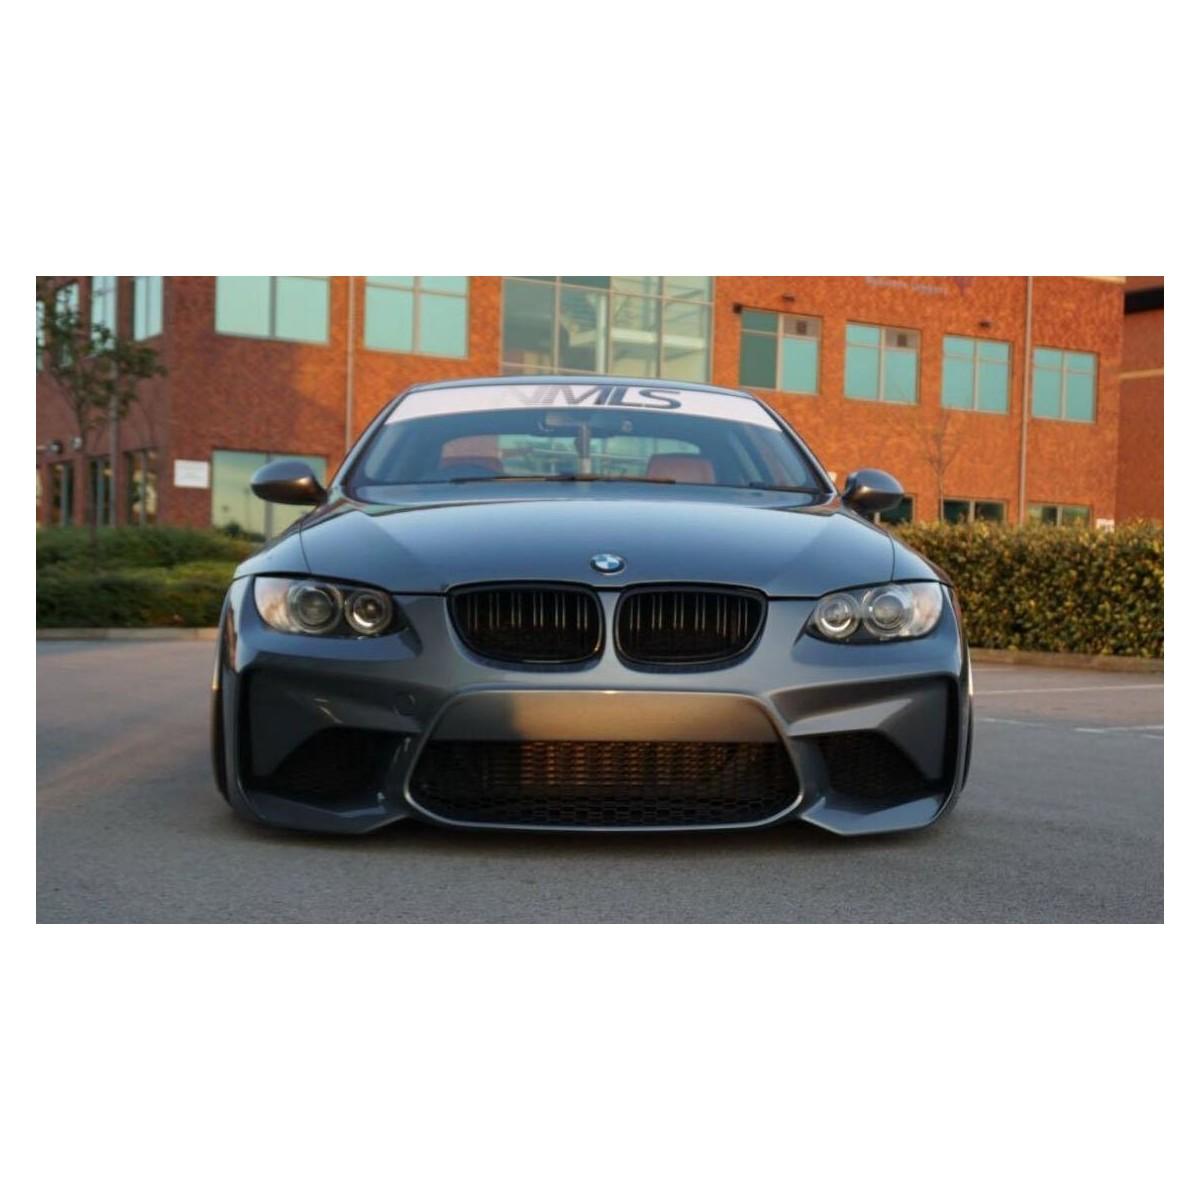 Supporto PARAURTI ANTERIORE SINISTRO PER BMW 7 e38 94-01